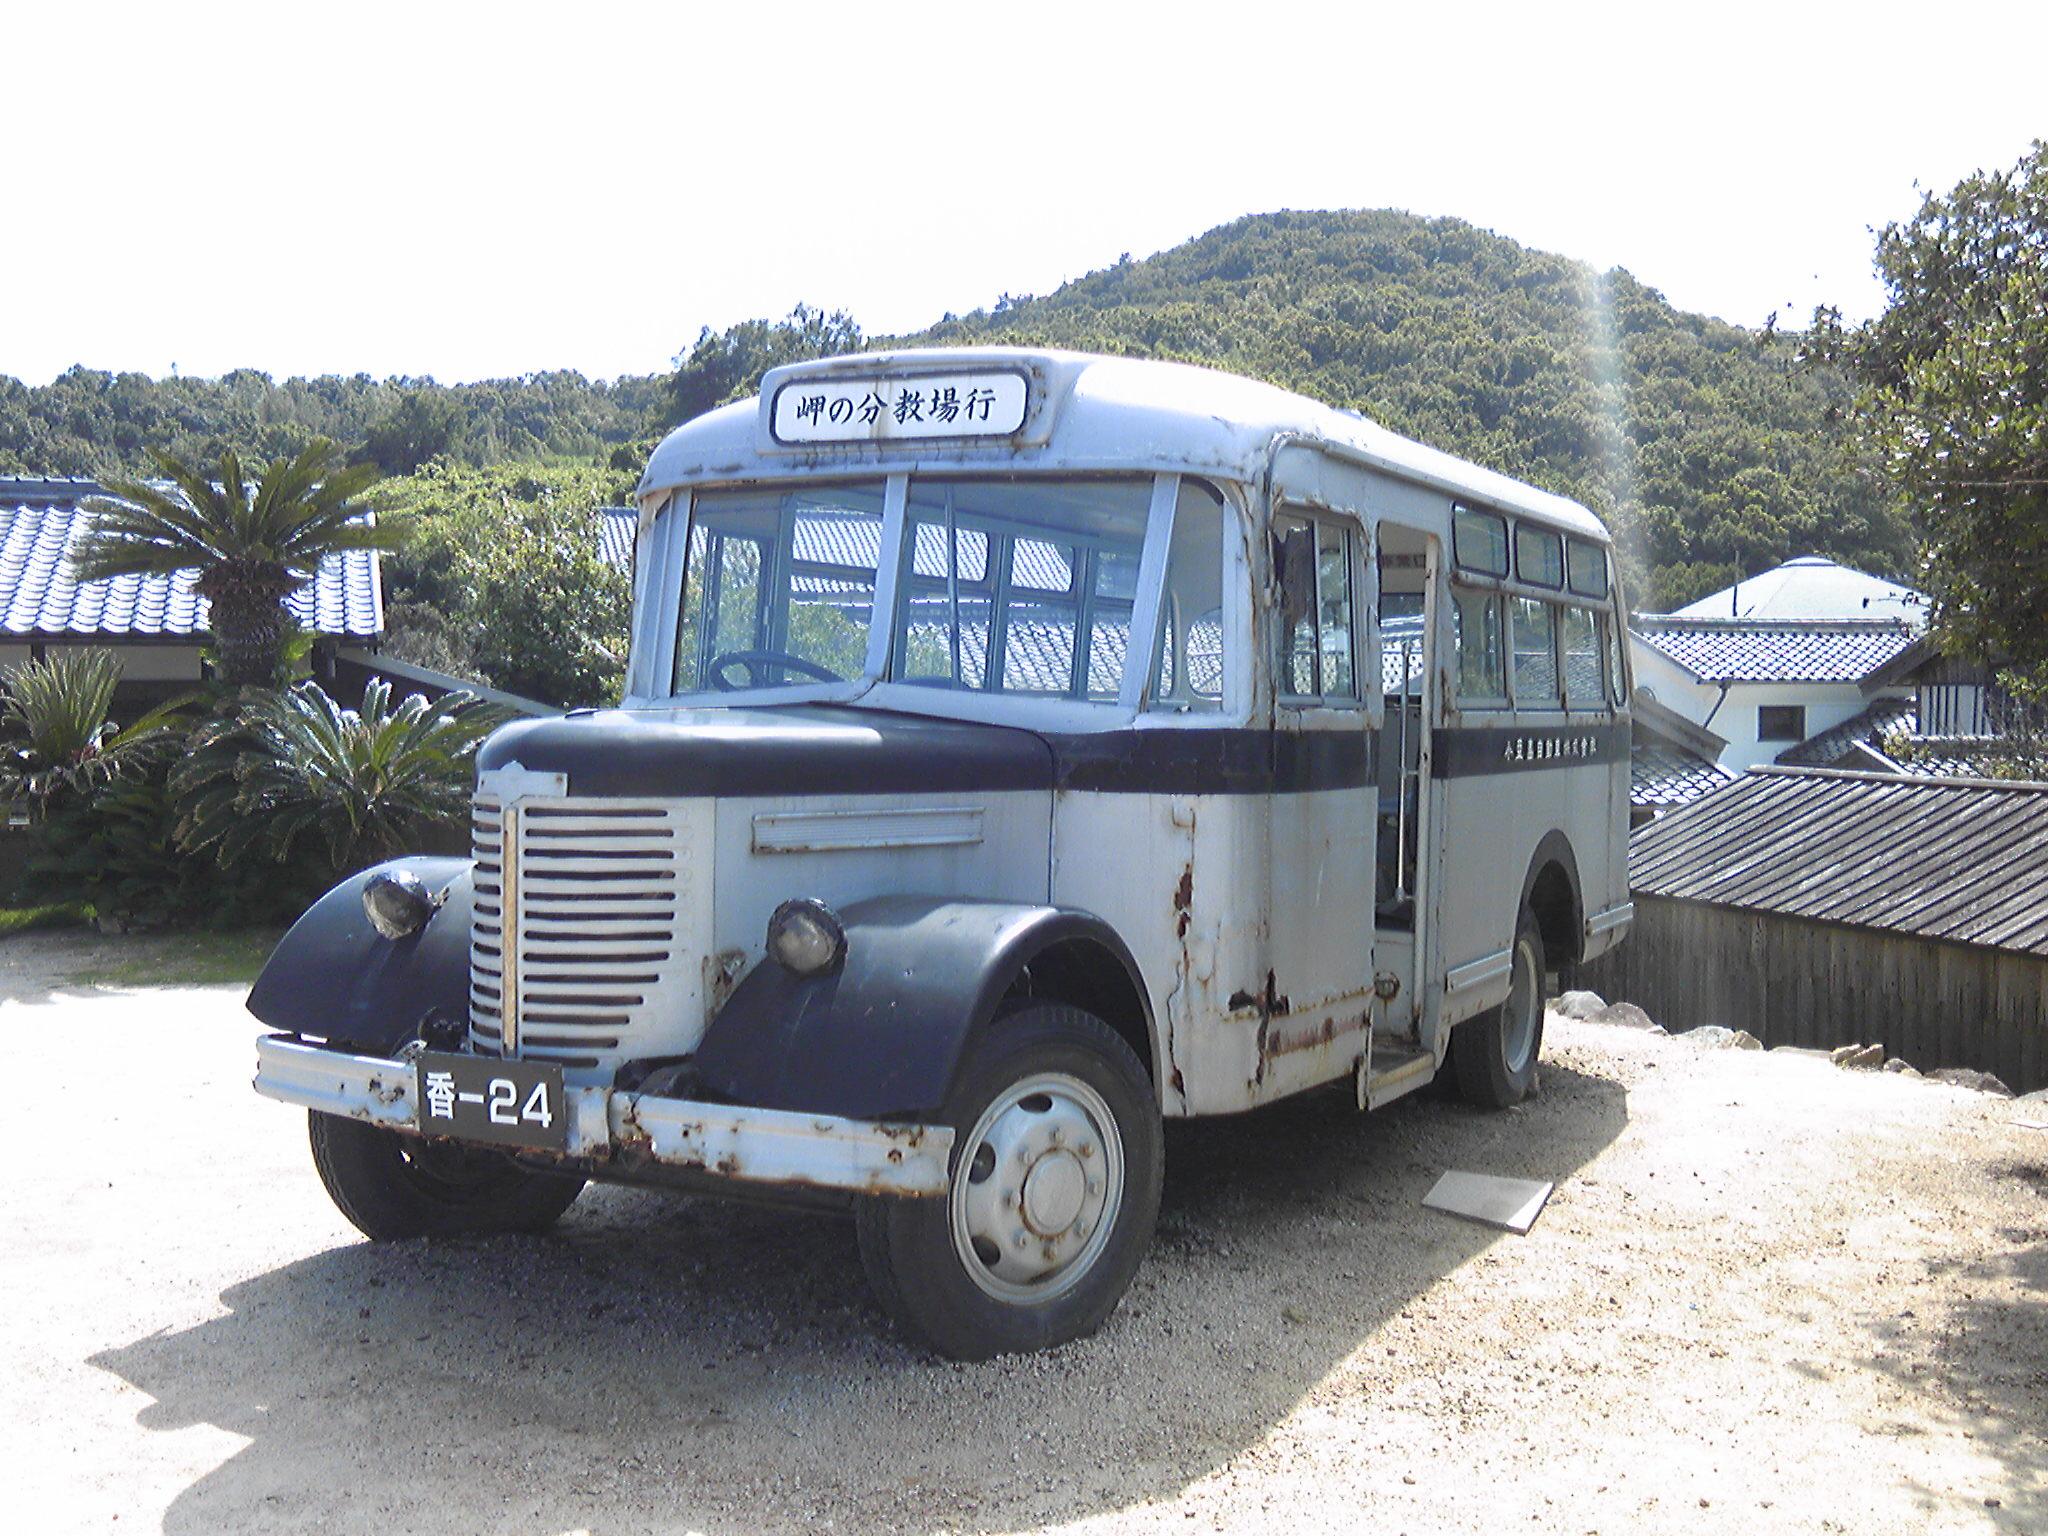 映画「二十四の瞳」のロケに使われたボンネットバス